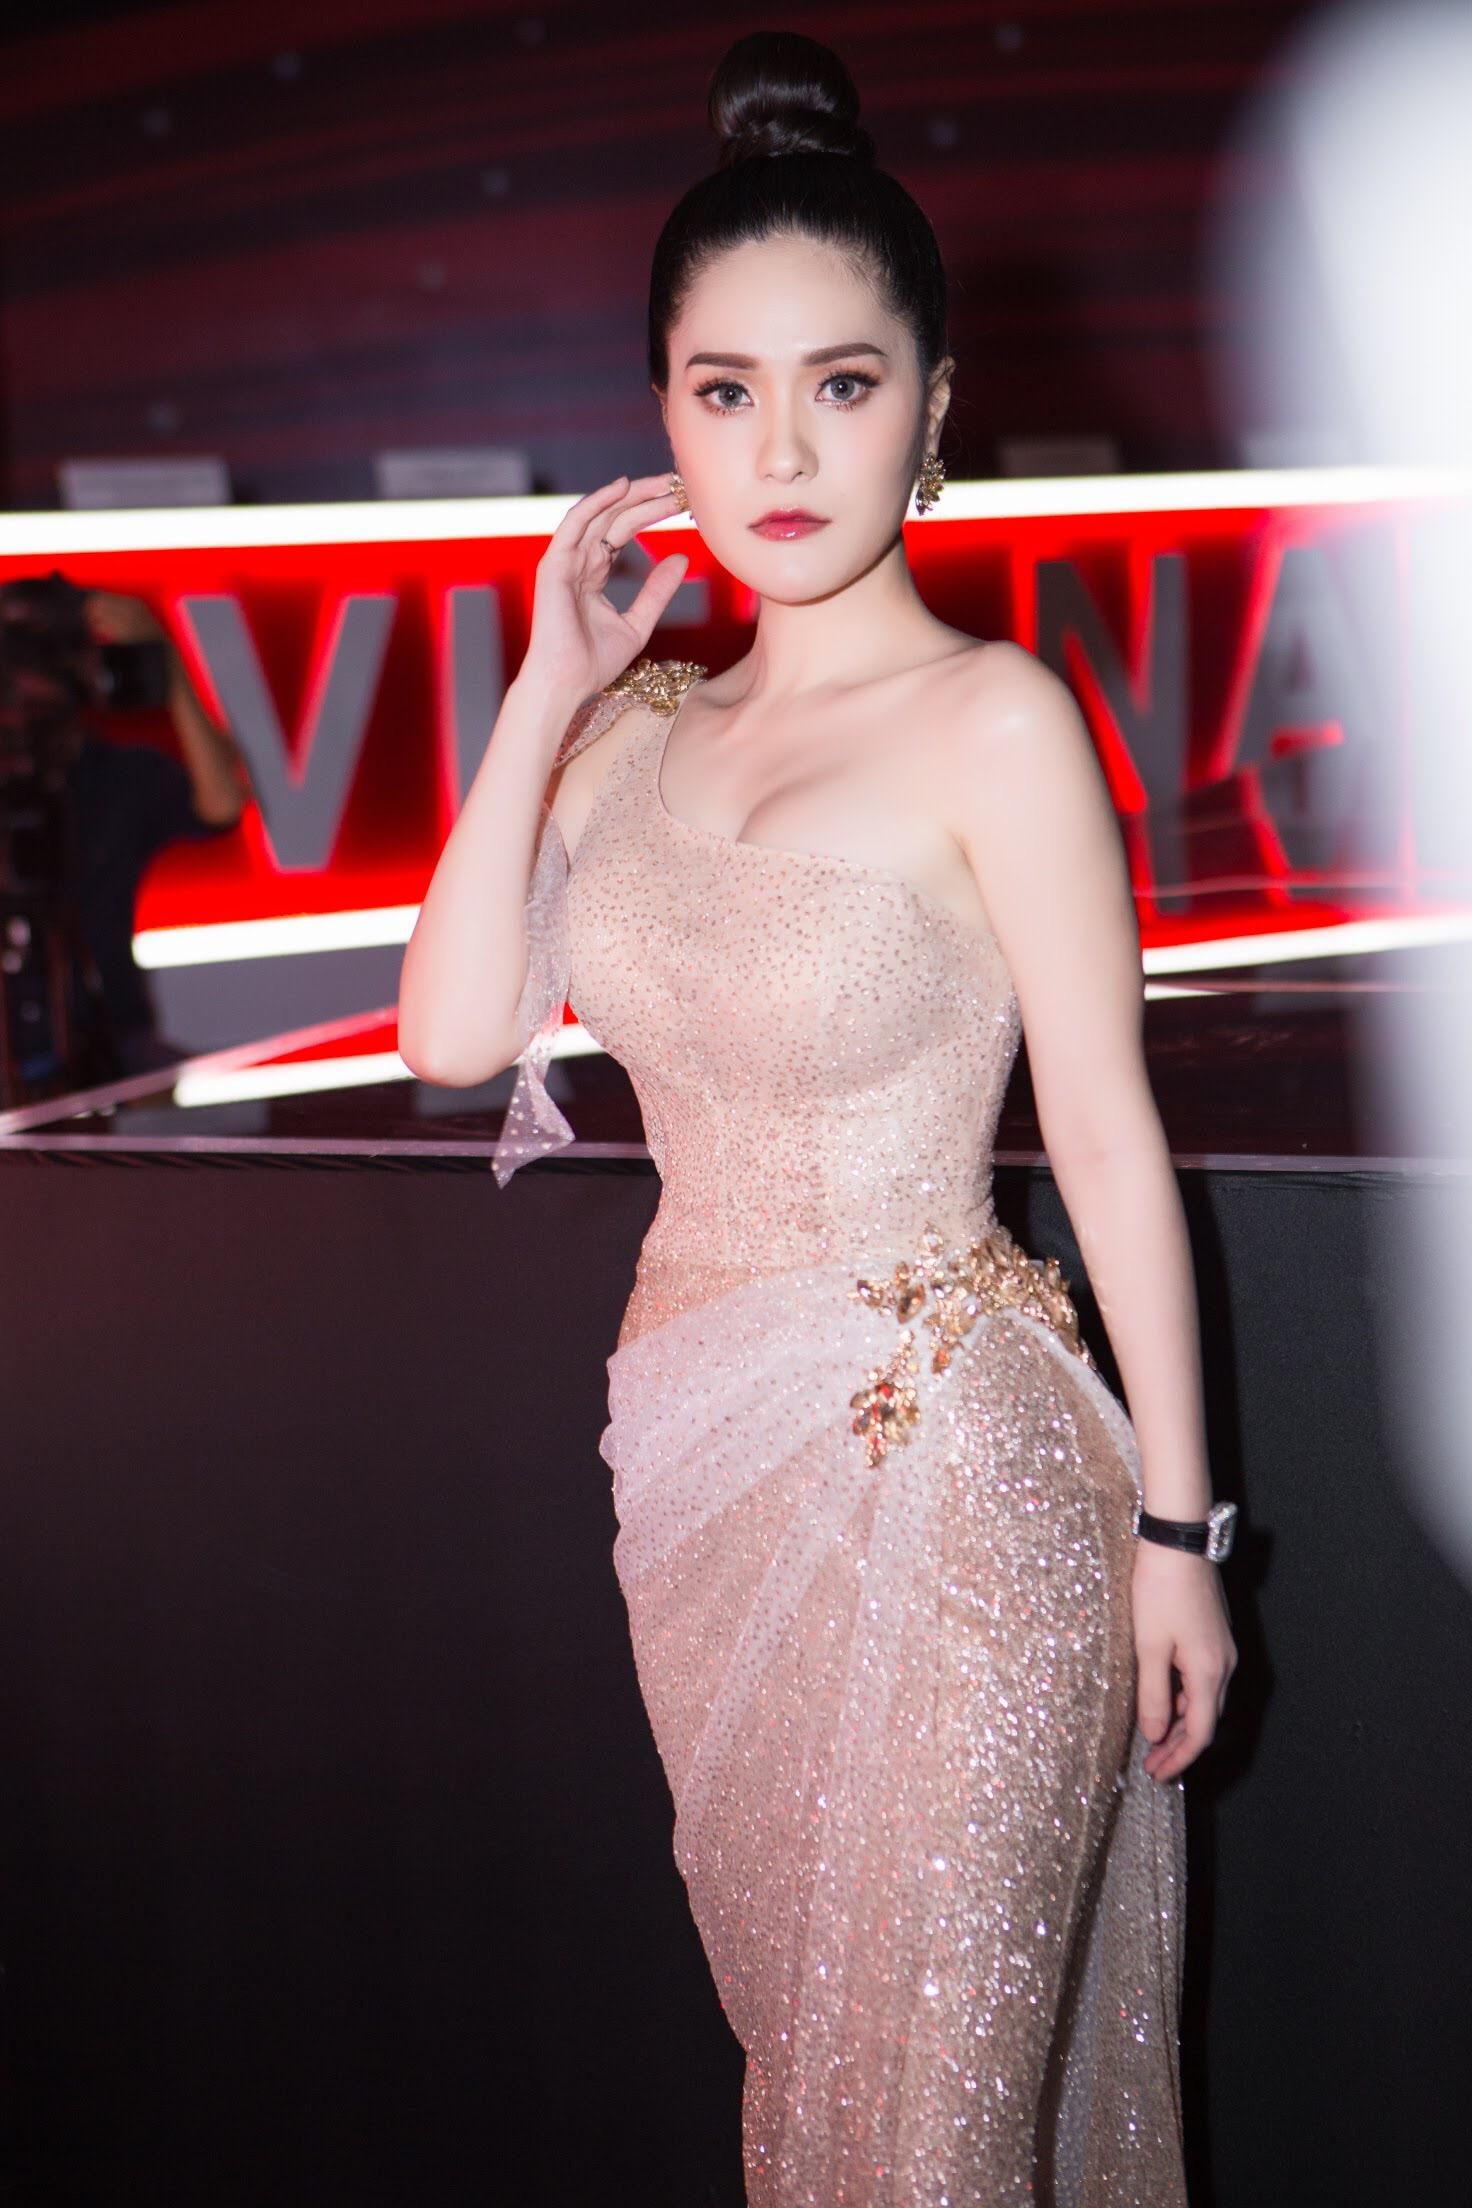 Di Băng tỏa sáng giữa dàn sao đêm chung kết Siêu Mẫu Việt 2018 - Ảnh 6.